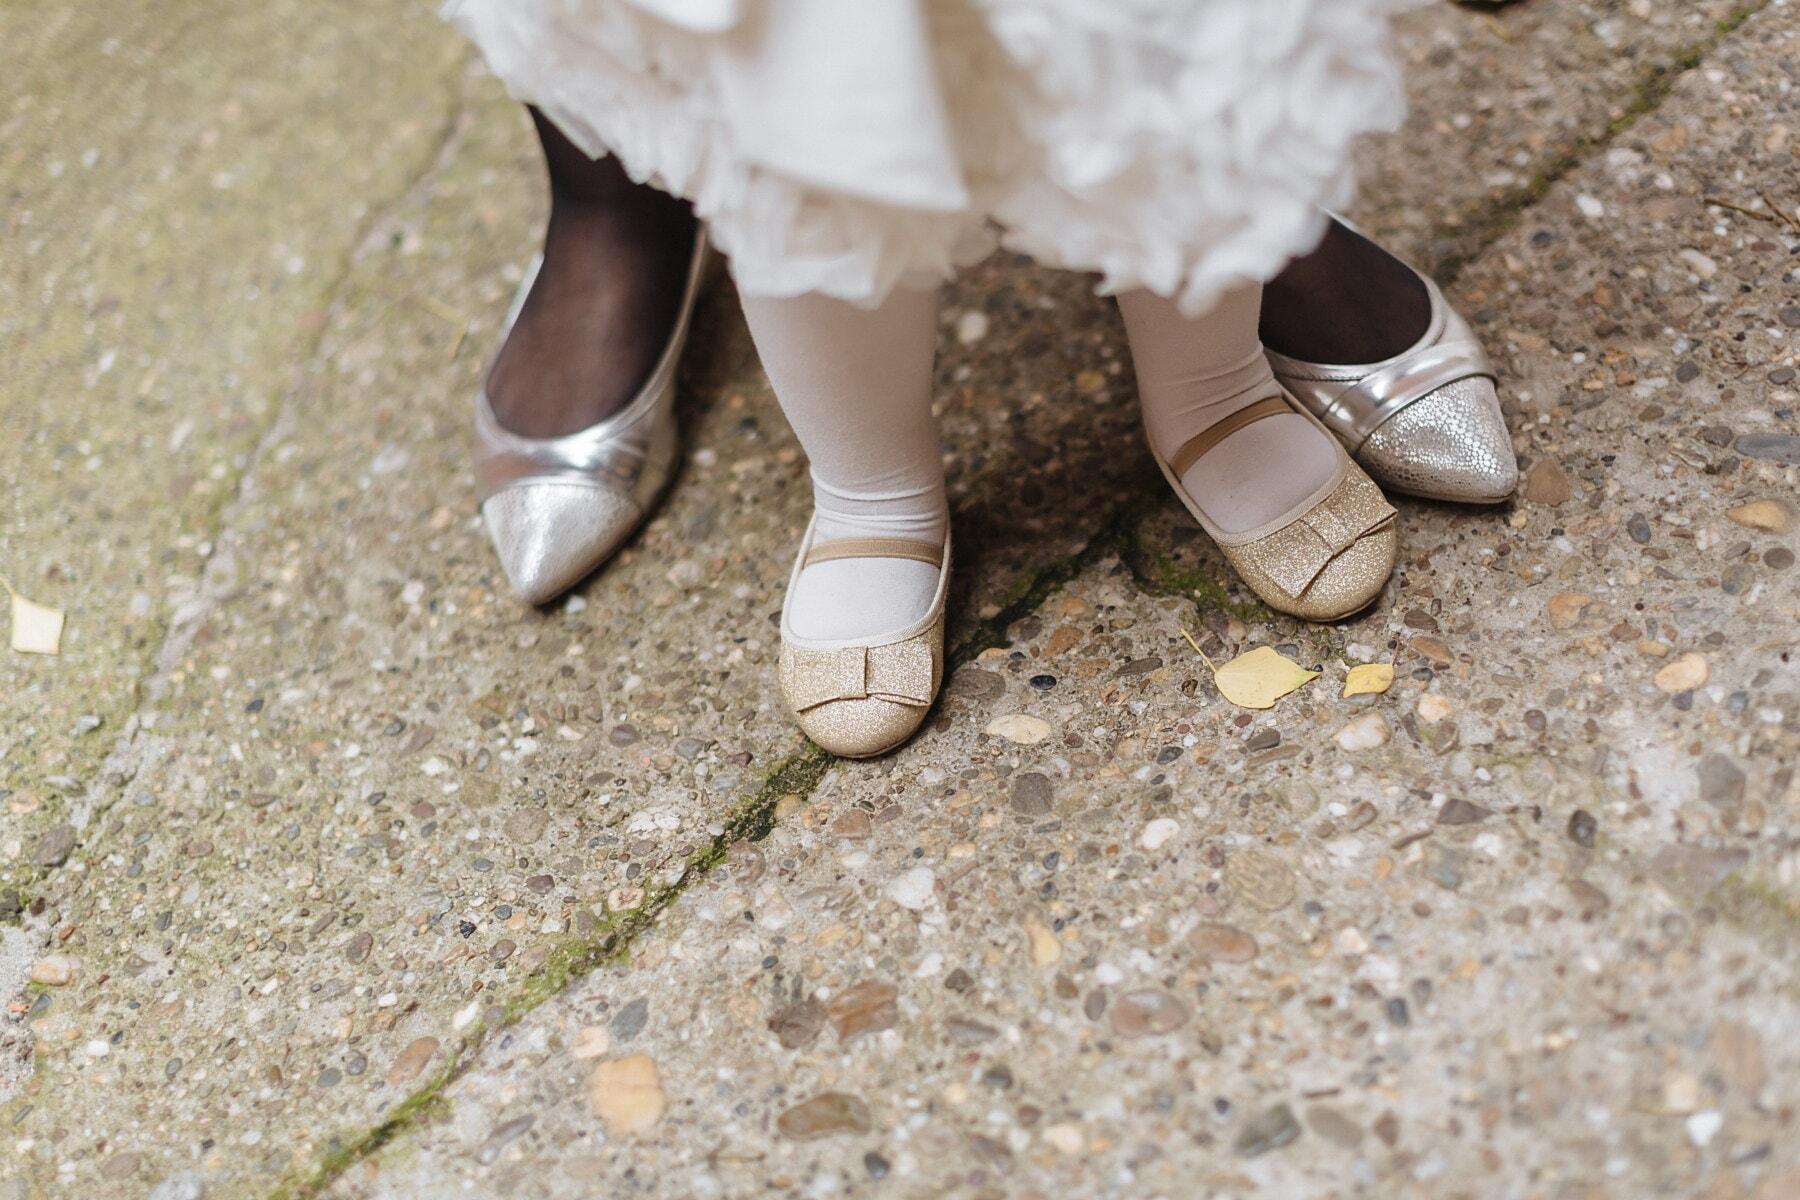 weiß, Schuhe, Sandale, Tochter, Mutter, Mädchen, Schuhe, Fuß, Schuh, Straße